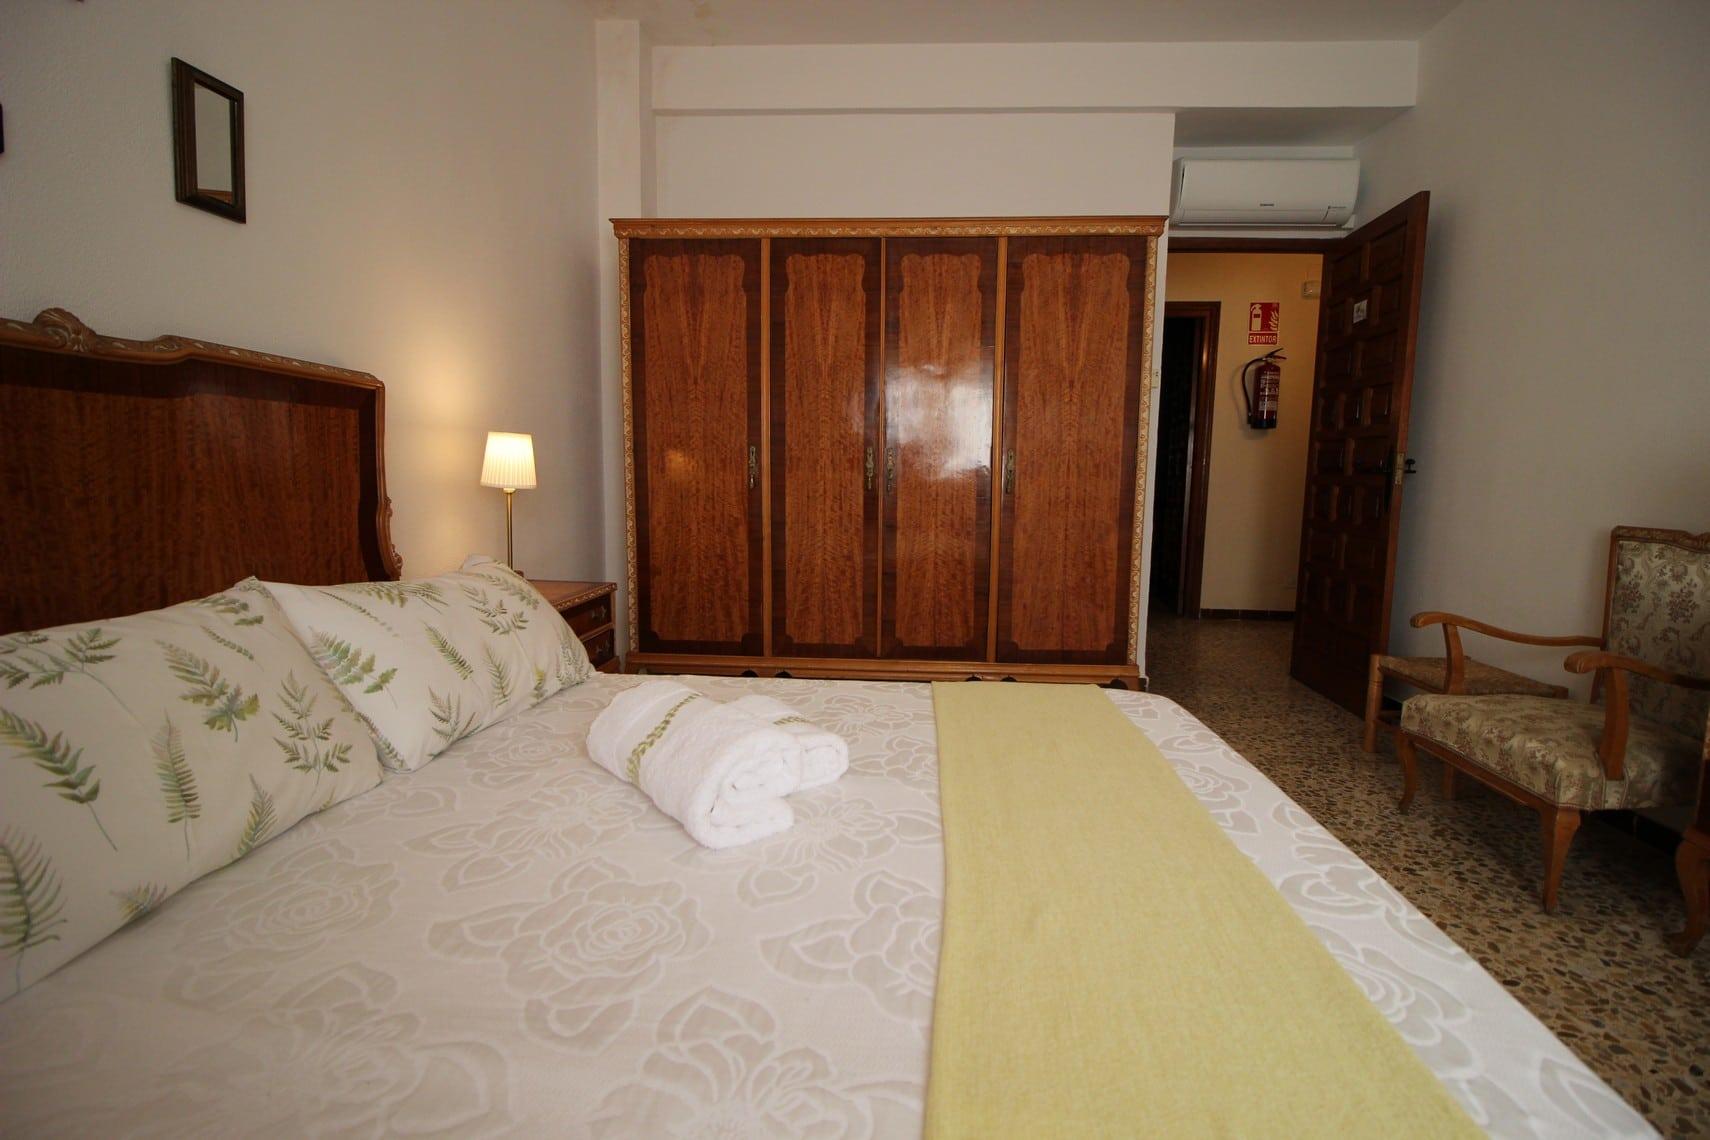 habitación2_las_hazas jarandilla015